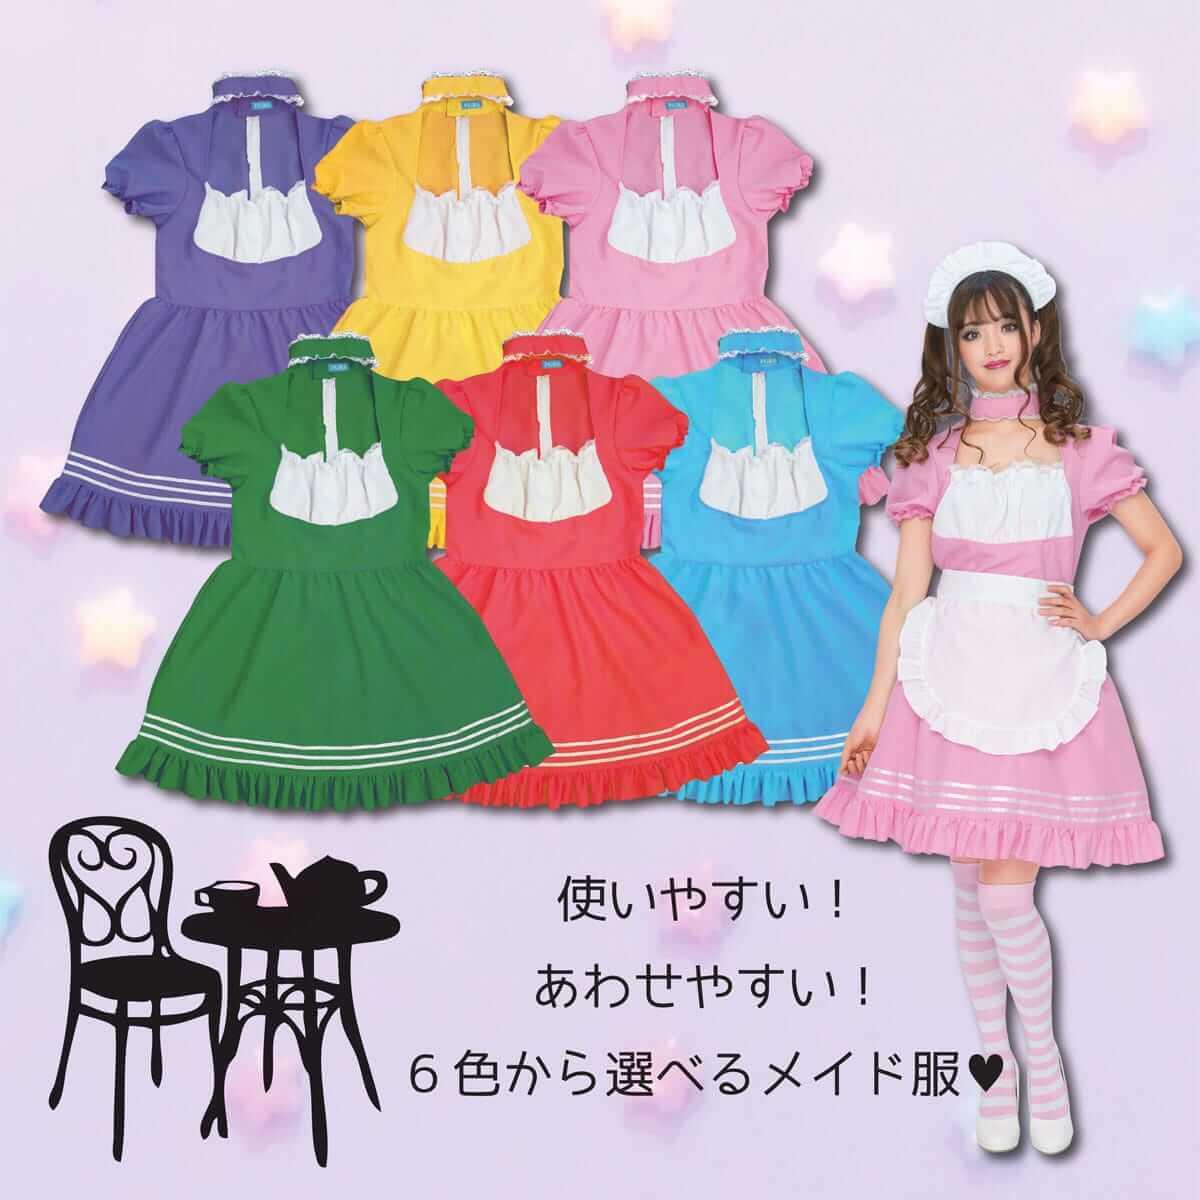 PUREネット通販で購入可能なカラーバリエーション豊富なメイド服